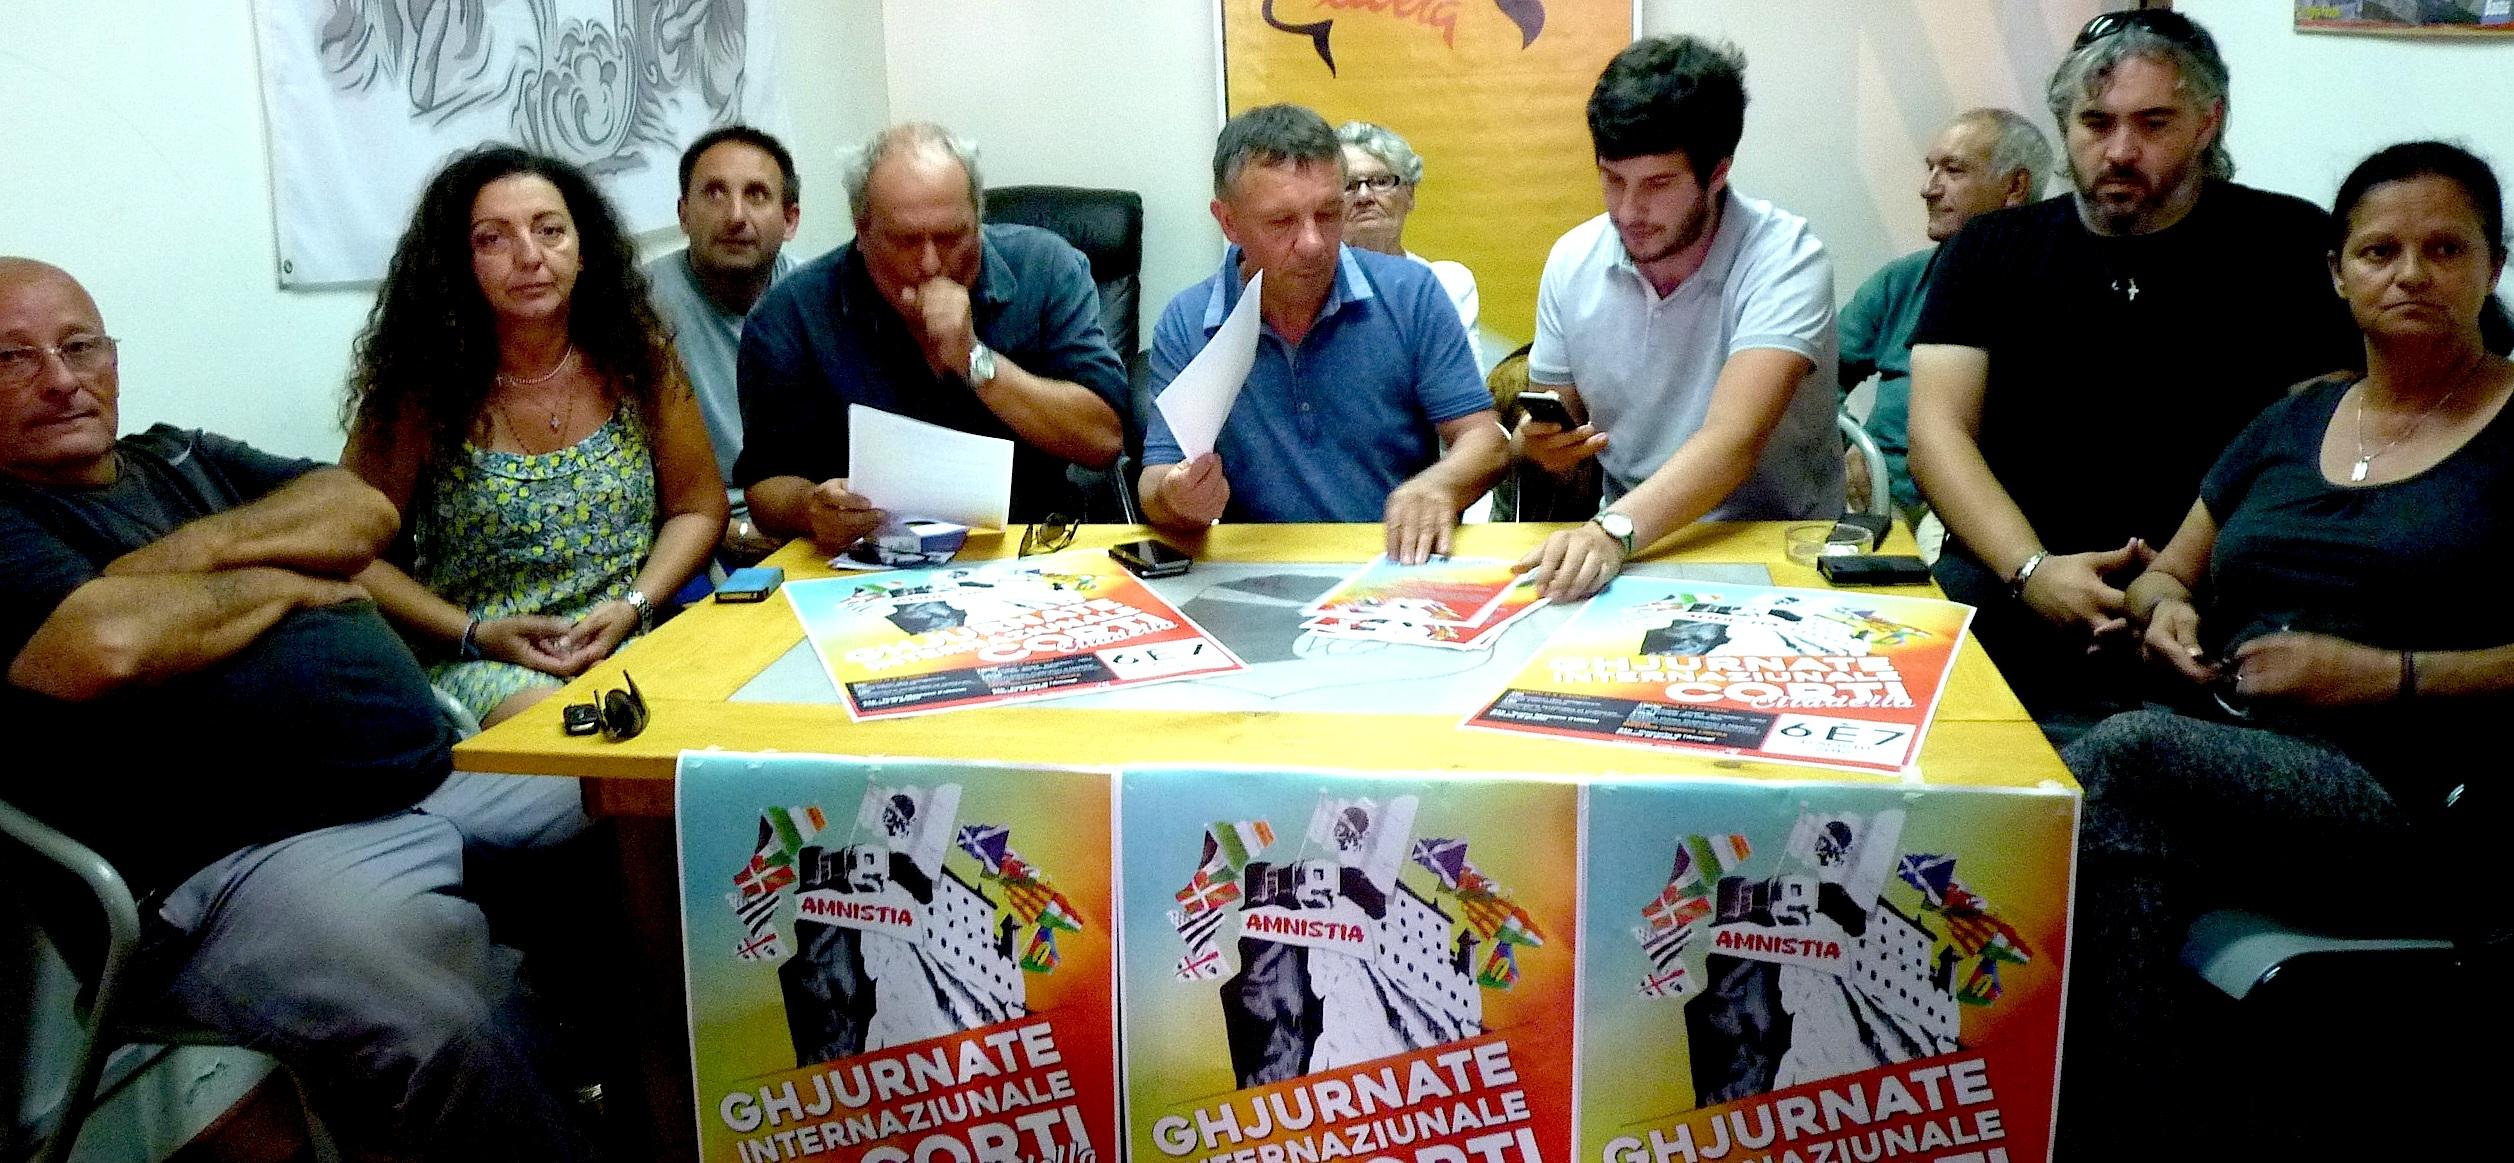 Trentacinquesimi Ghjurnate Internaziunale di Corti : Amnistie, répressions syndicales et politiques… Et avenir